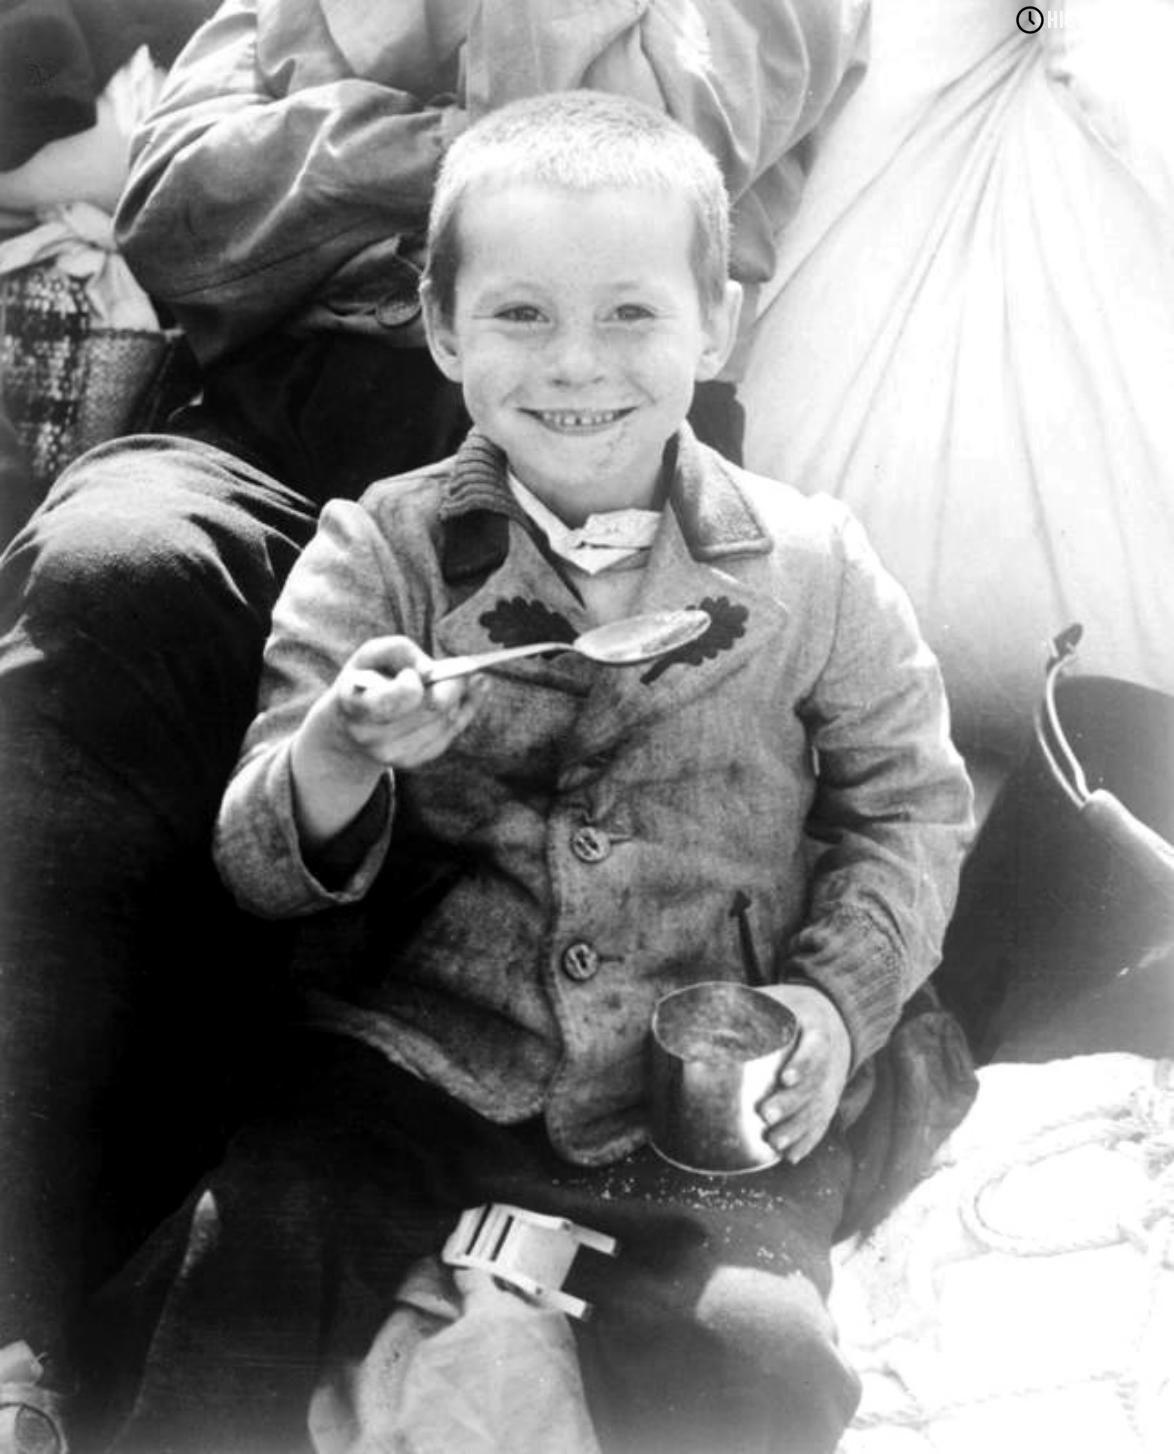 Polski chłopiec je pierwszy posiłek po wyzwoleniu przez Amerykańskie wojsko obozu Eisenach (podobozu Buchenwald). Był to obóz, który wykonywał sprzęt wojsk